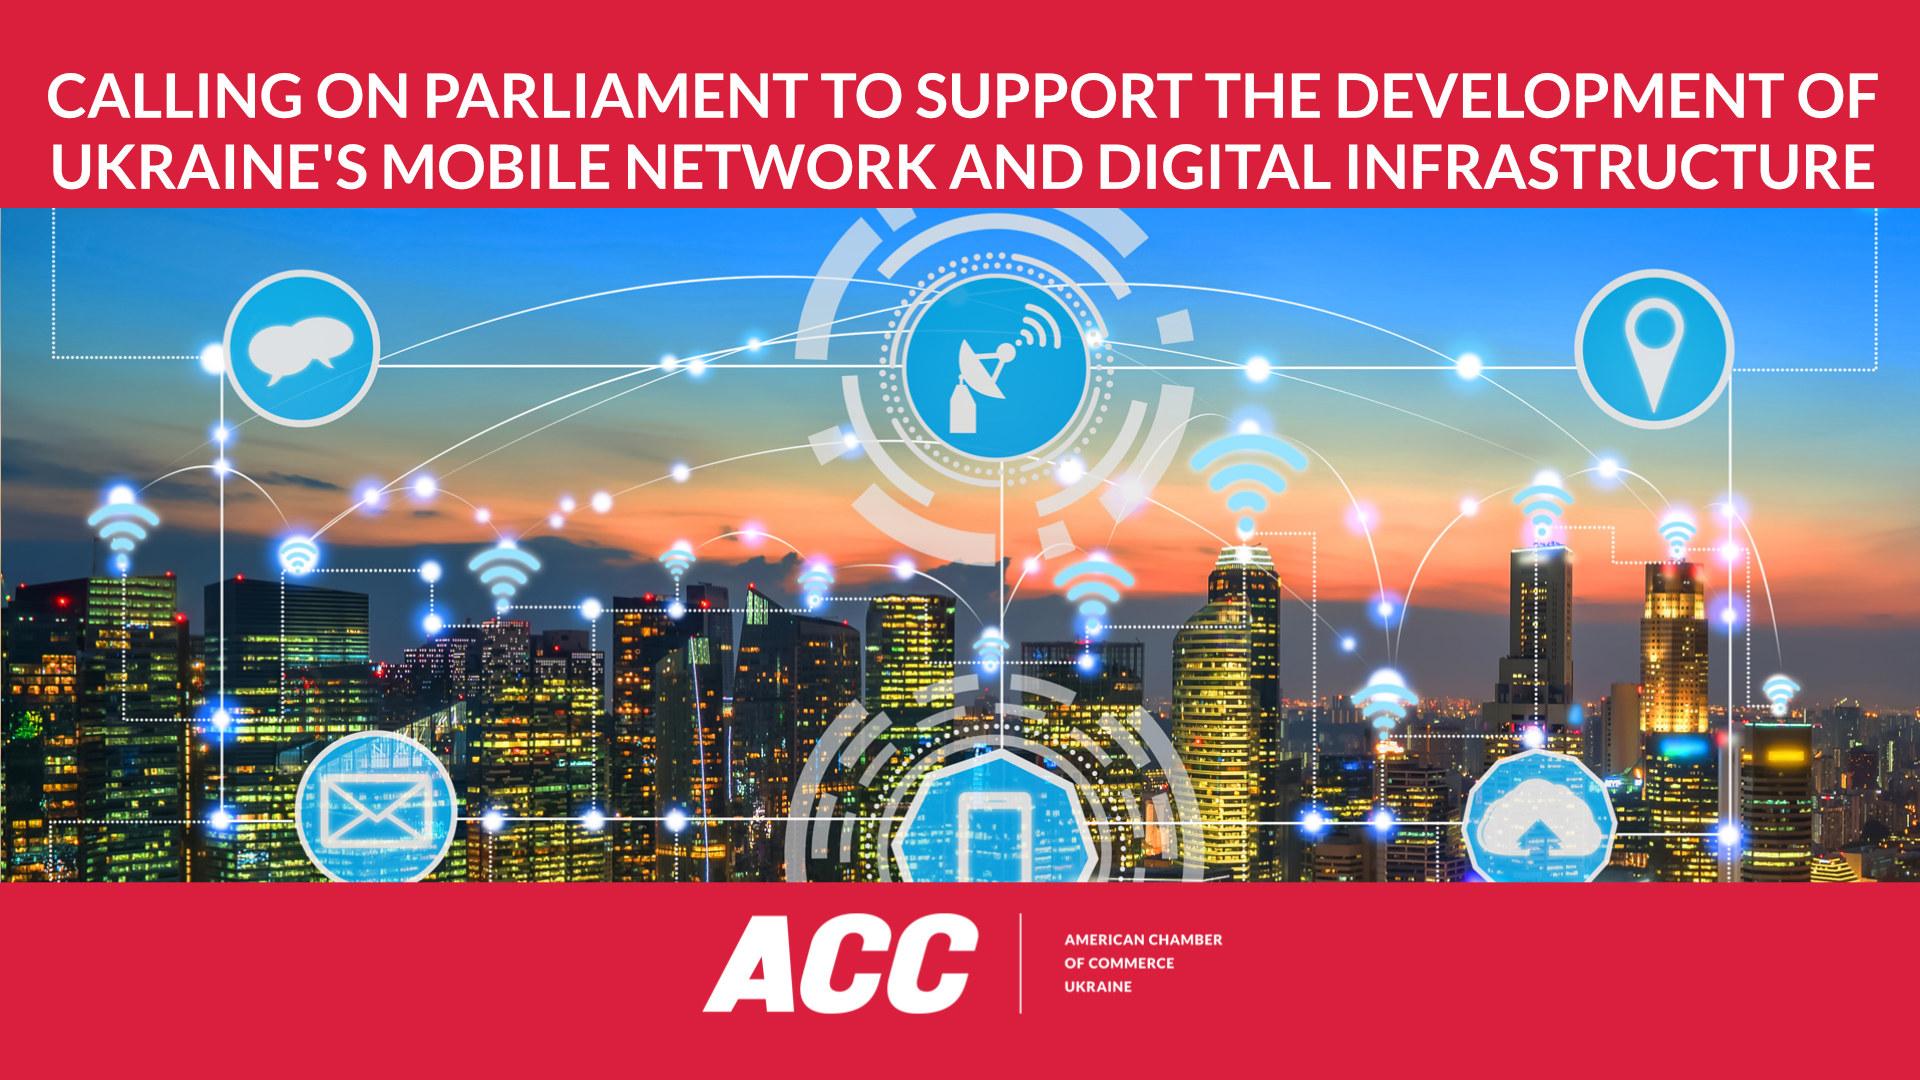 Американська торговельна палата в Україні закликає народних депутатів підтримати розвиток мережевої та цифрової інфраструктури